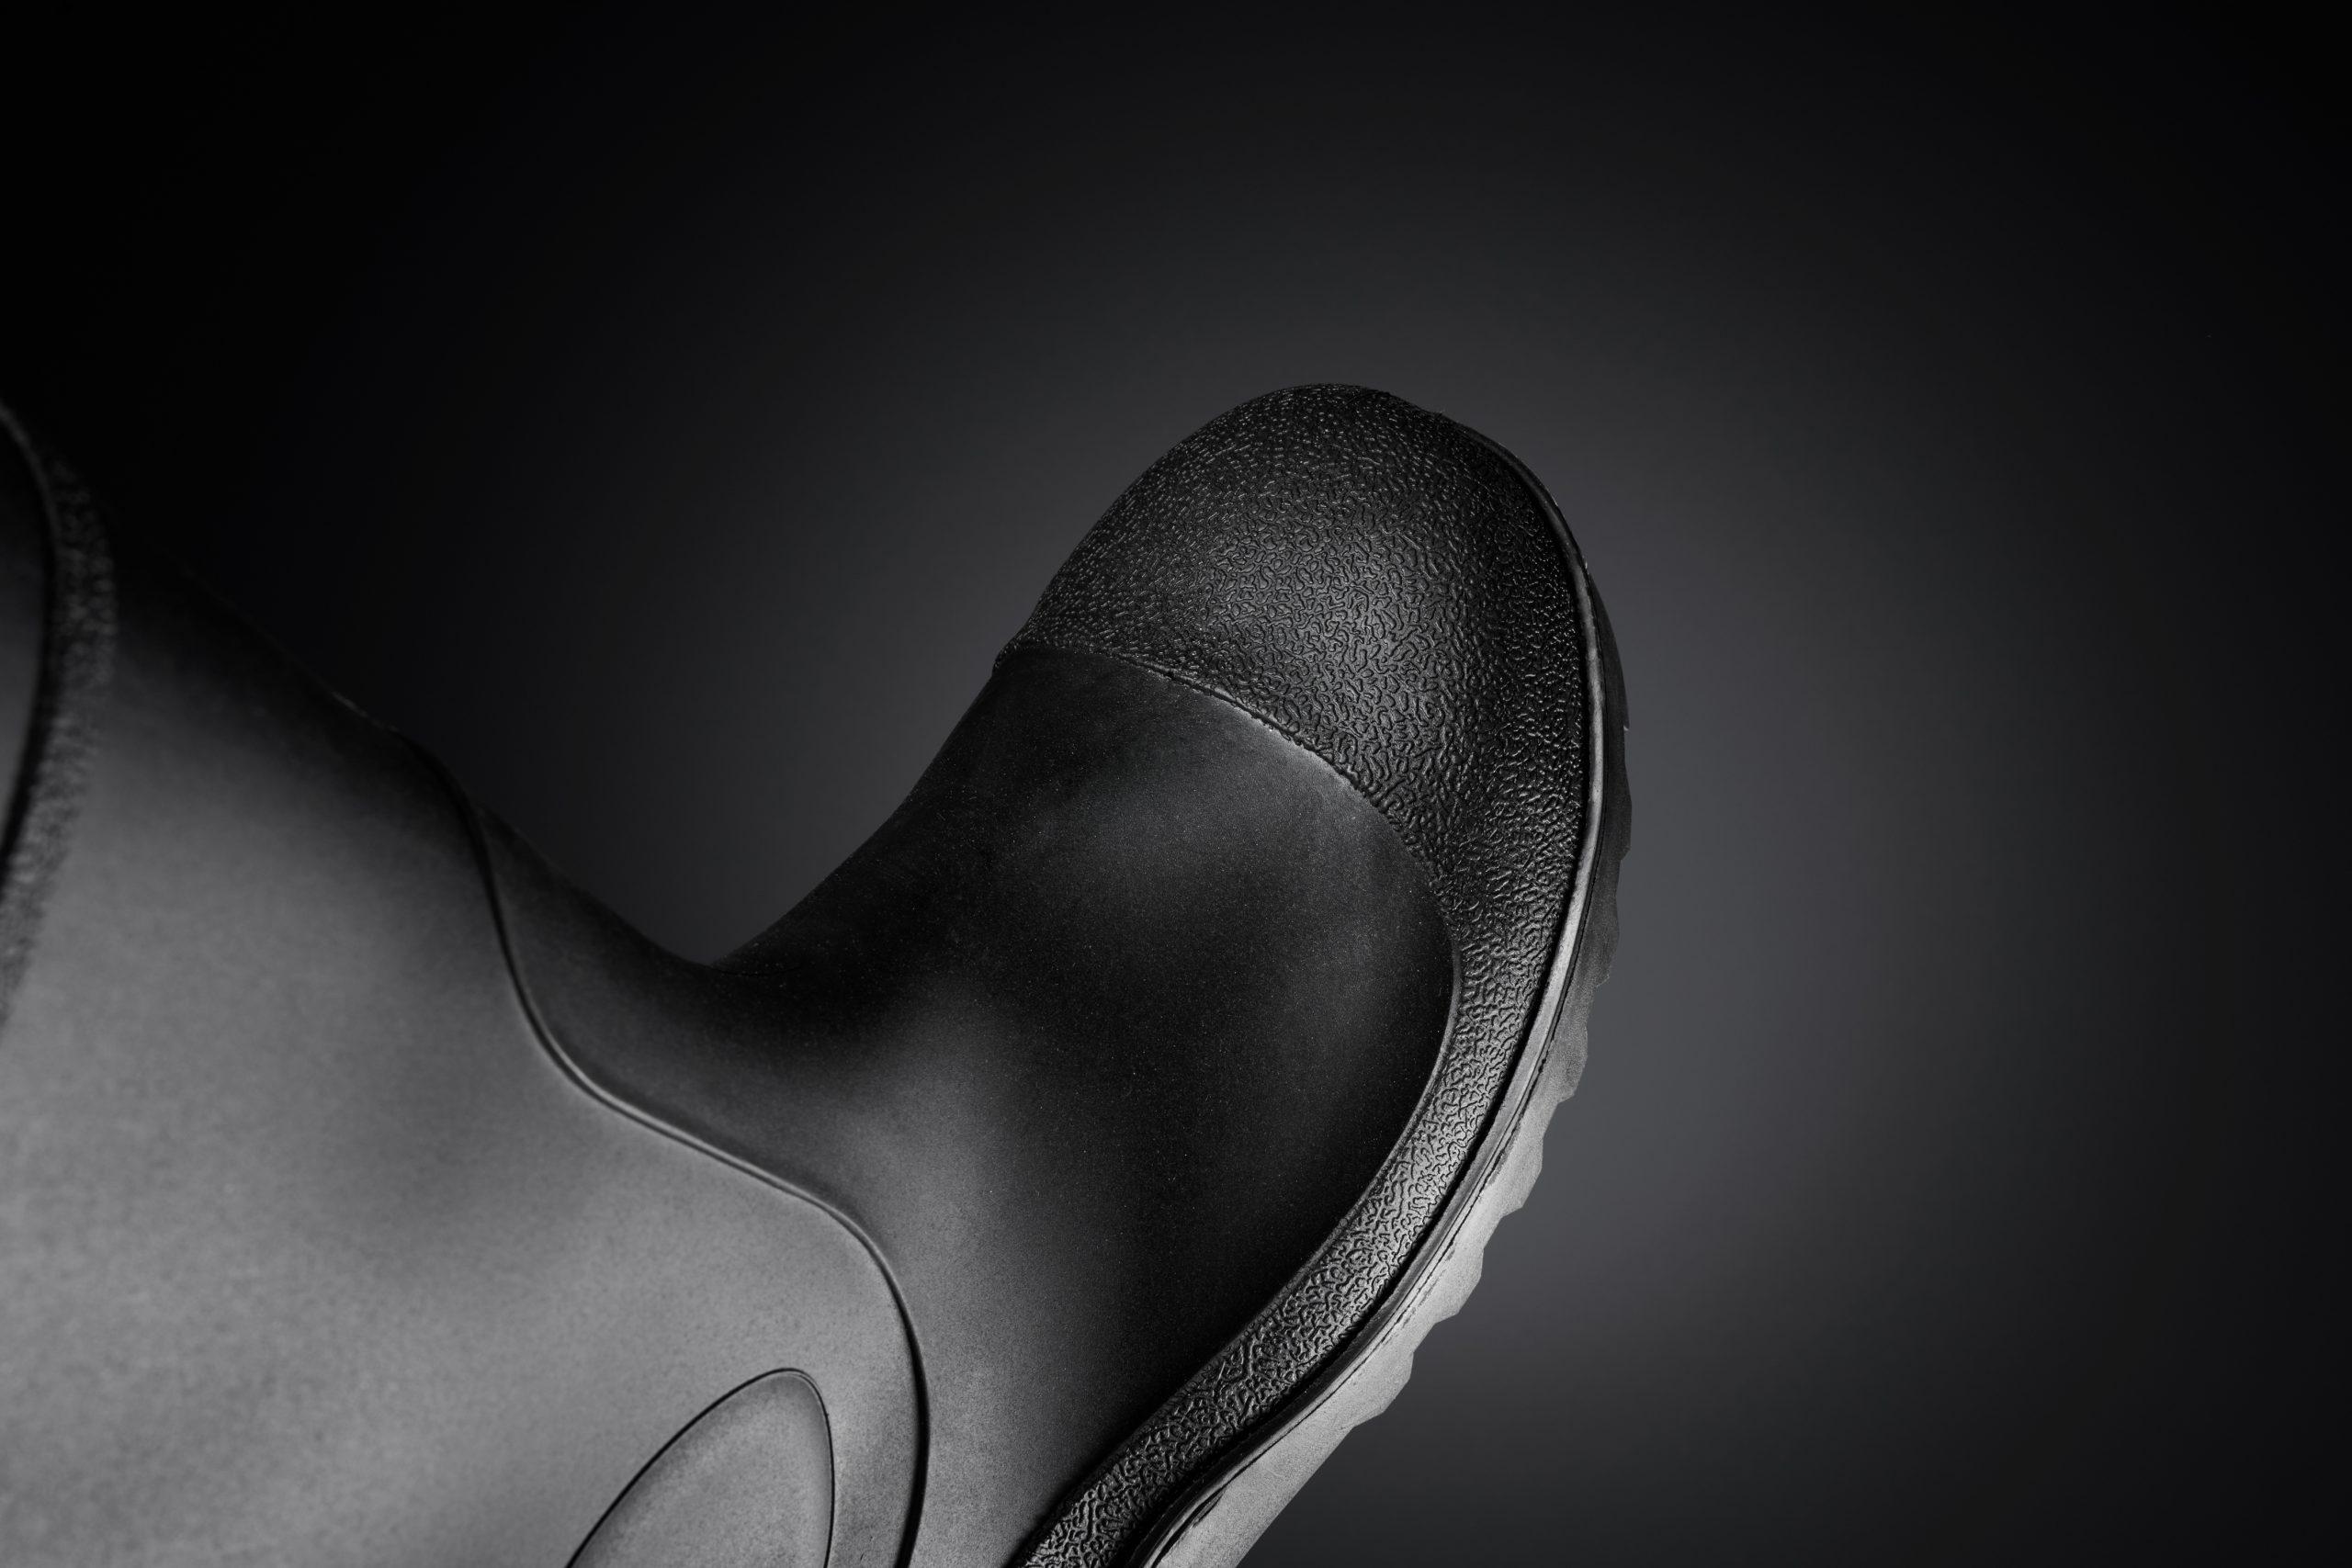 Botas Agua Paredes clases y categorías del calzado profesional blog paredes seguridad